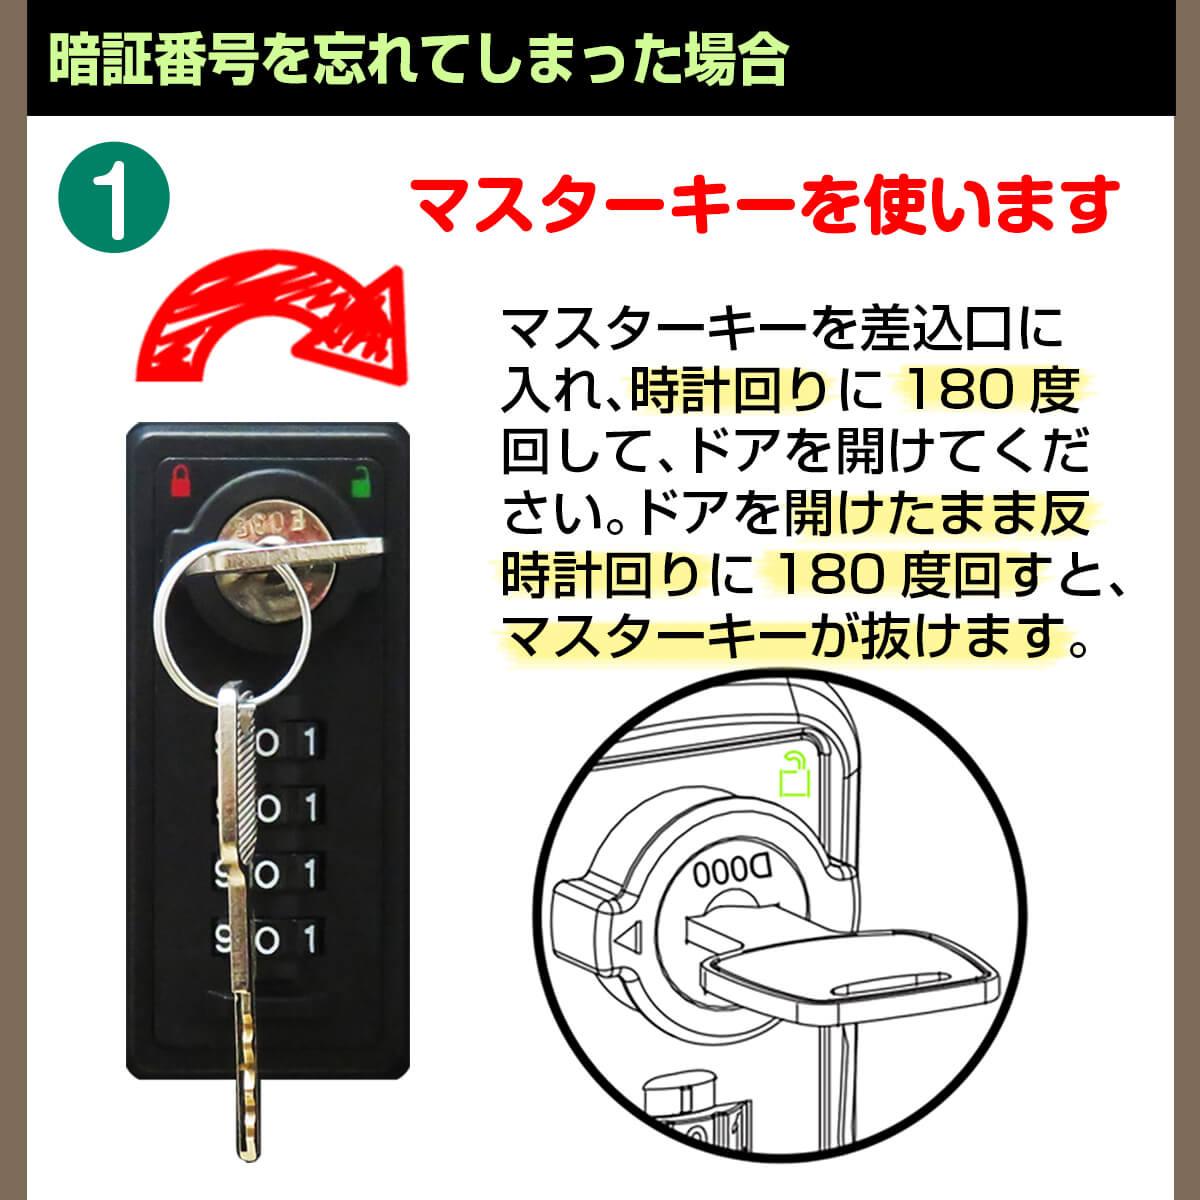 宅配ボックス ルスネコボックス®の解除方法2